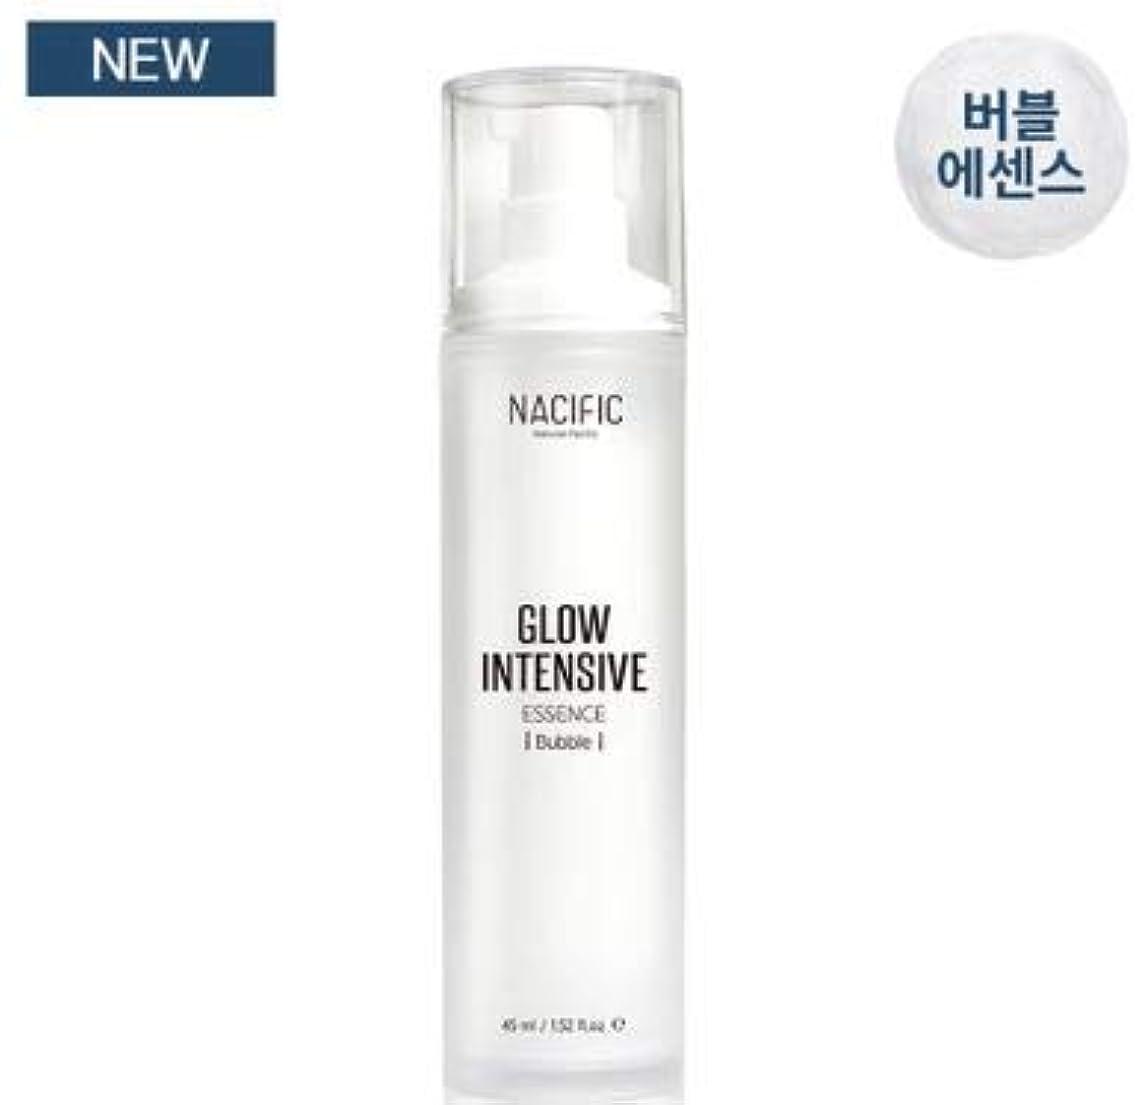 艶記念モンク[NACIFIC] Glow Intensive Bubble Essence 45ml/[ナシフィック]グローインテンシブバブルエッセンス45ml [並行輸入品]